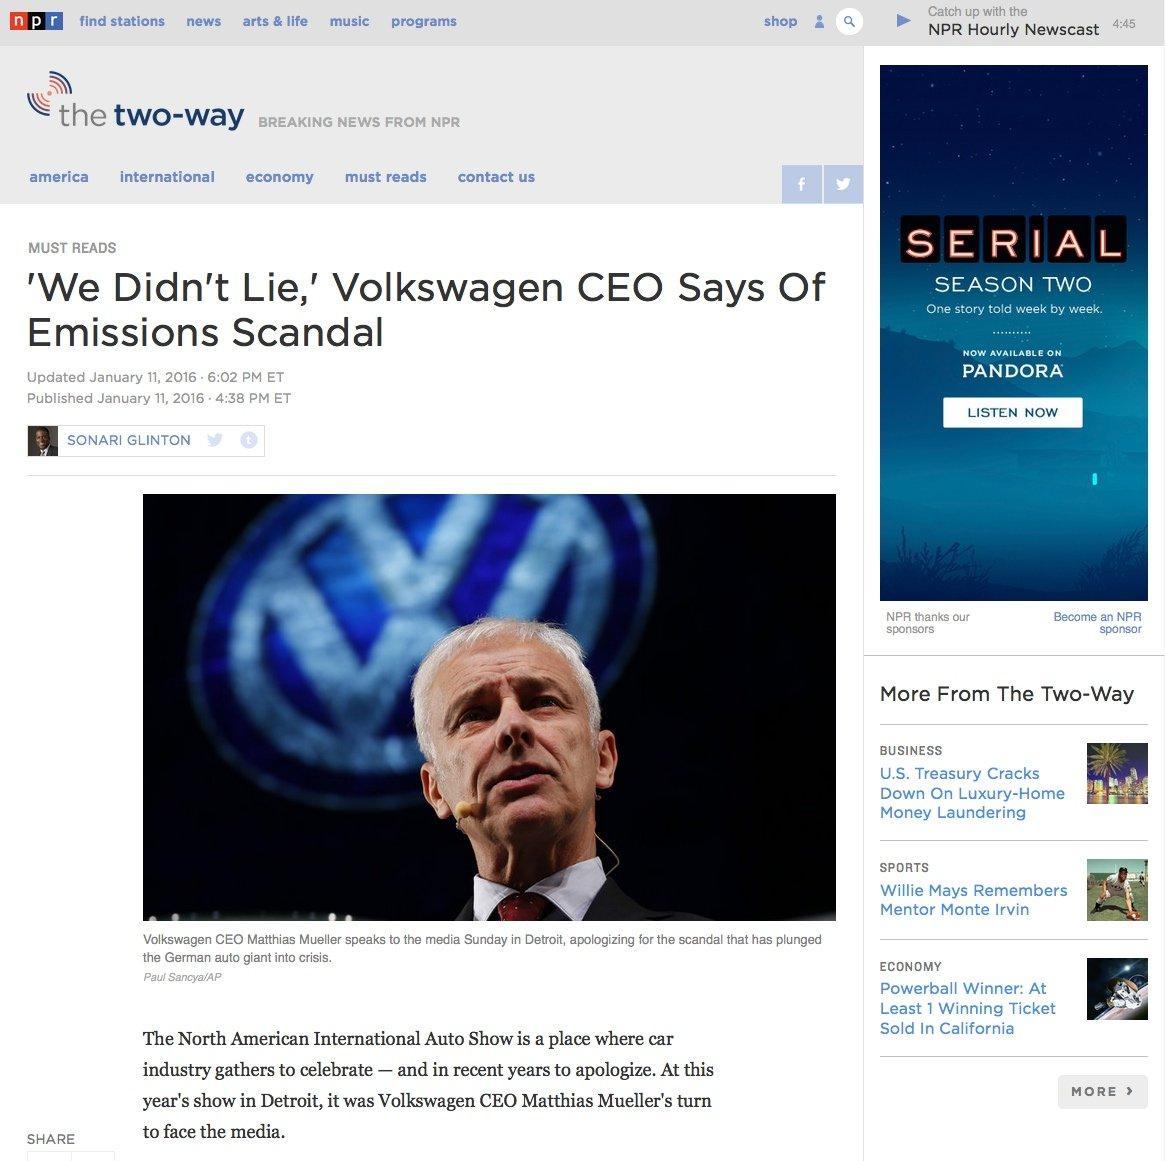 In einem völlig verunglückten Radio-Interview behauptete VW-Chef Müller, dass VW die US-Behörden nicht angelogen, sondern nur die Fragen nicht richtig verstanden habe. Und die US-Gesetze habe man falsch interpretiert. Das Interview ist in den USA zum PR-Gau geworden.